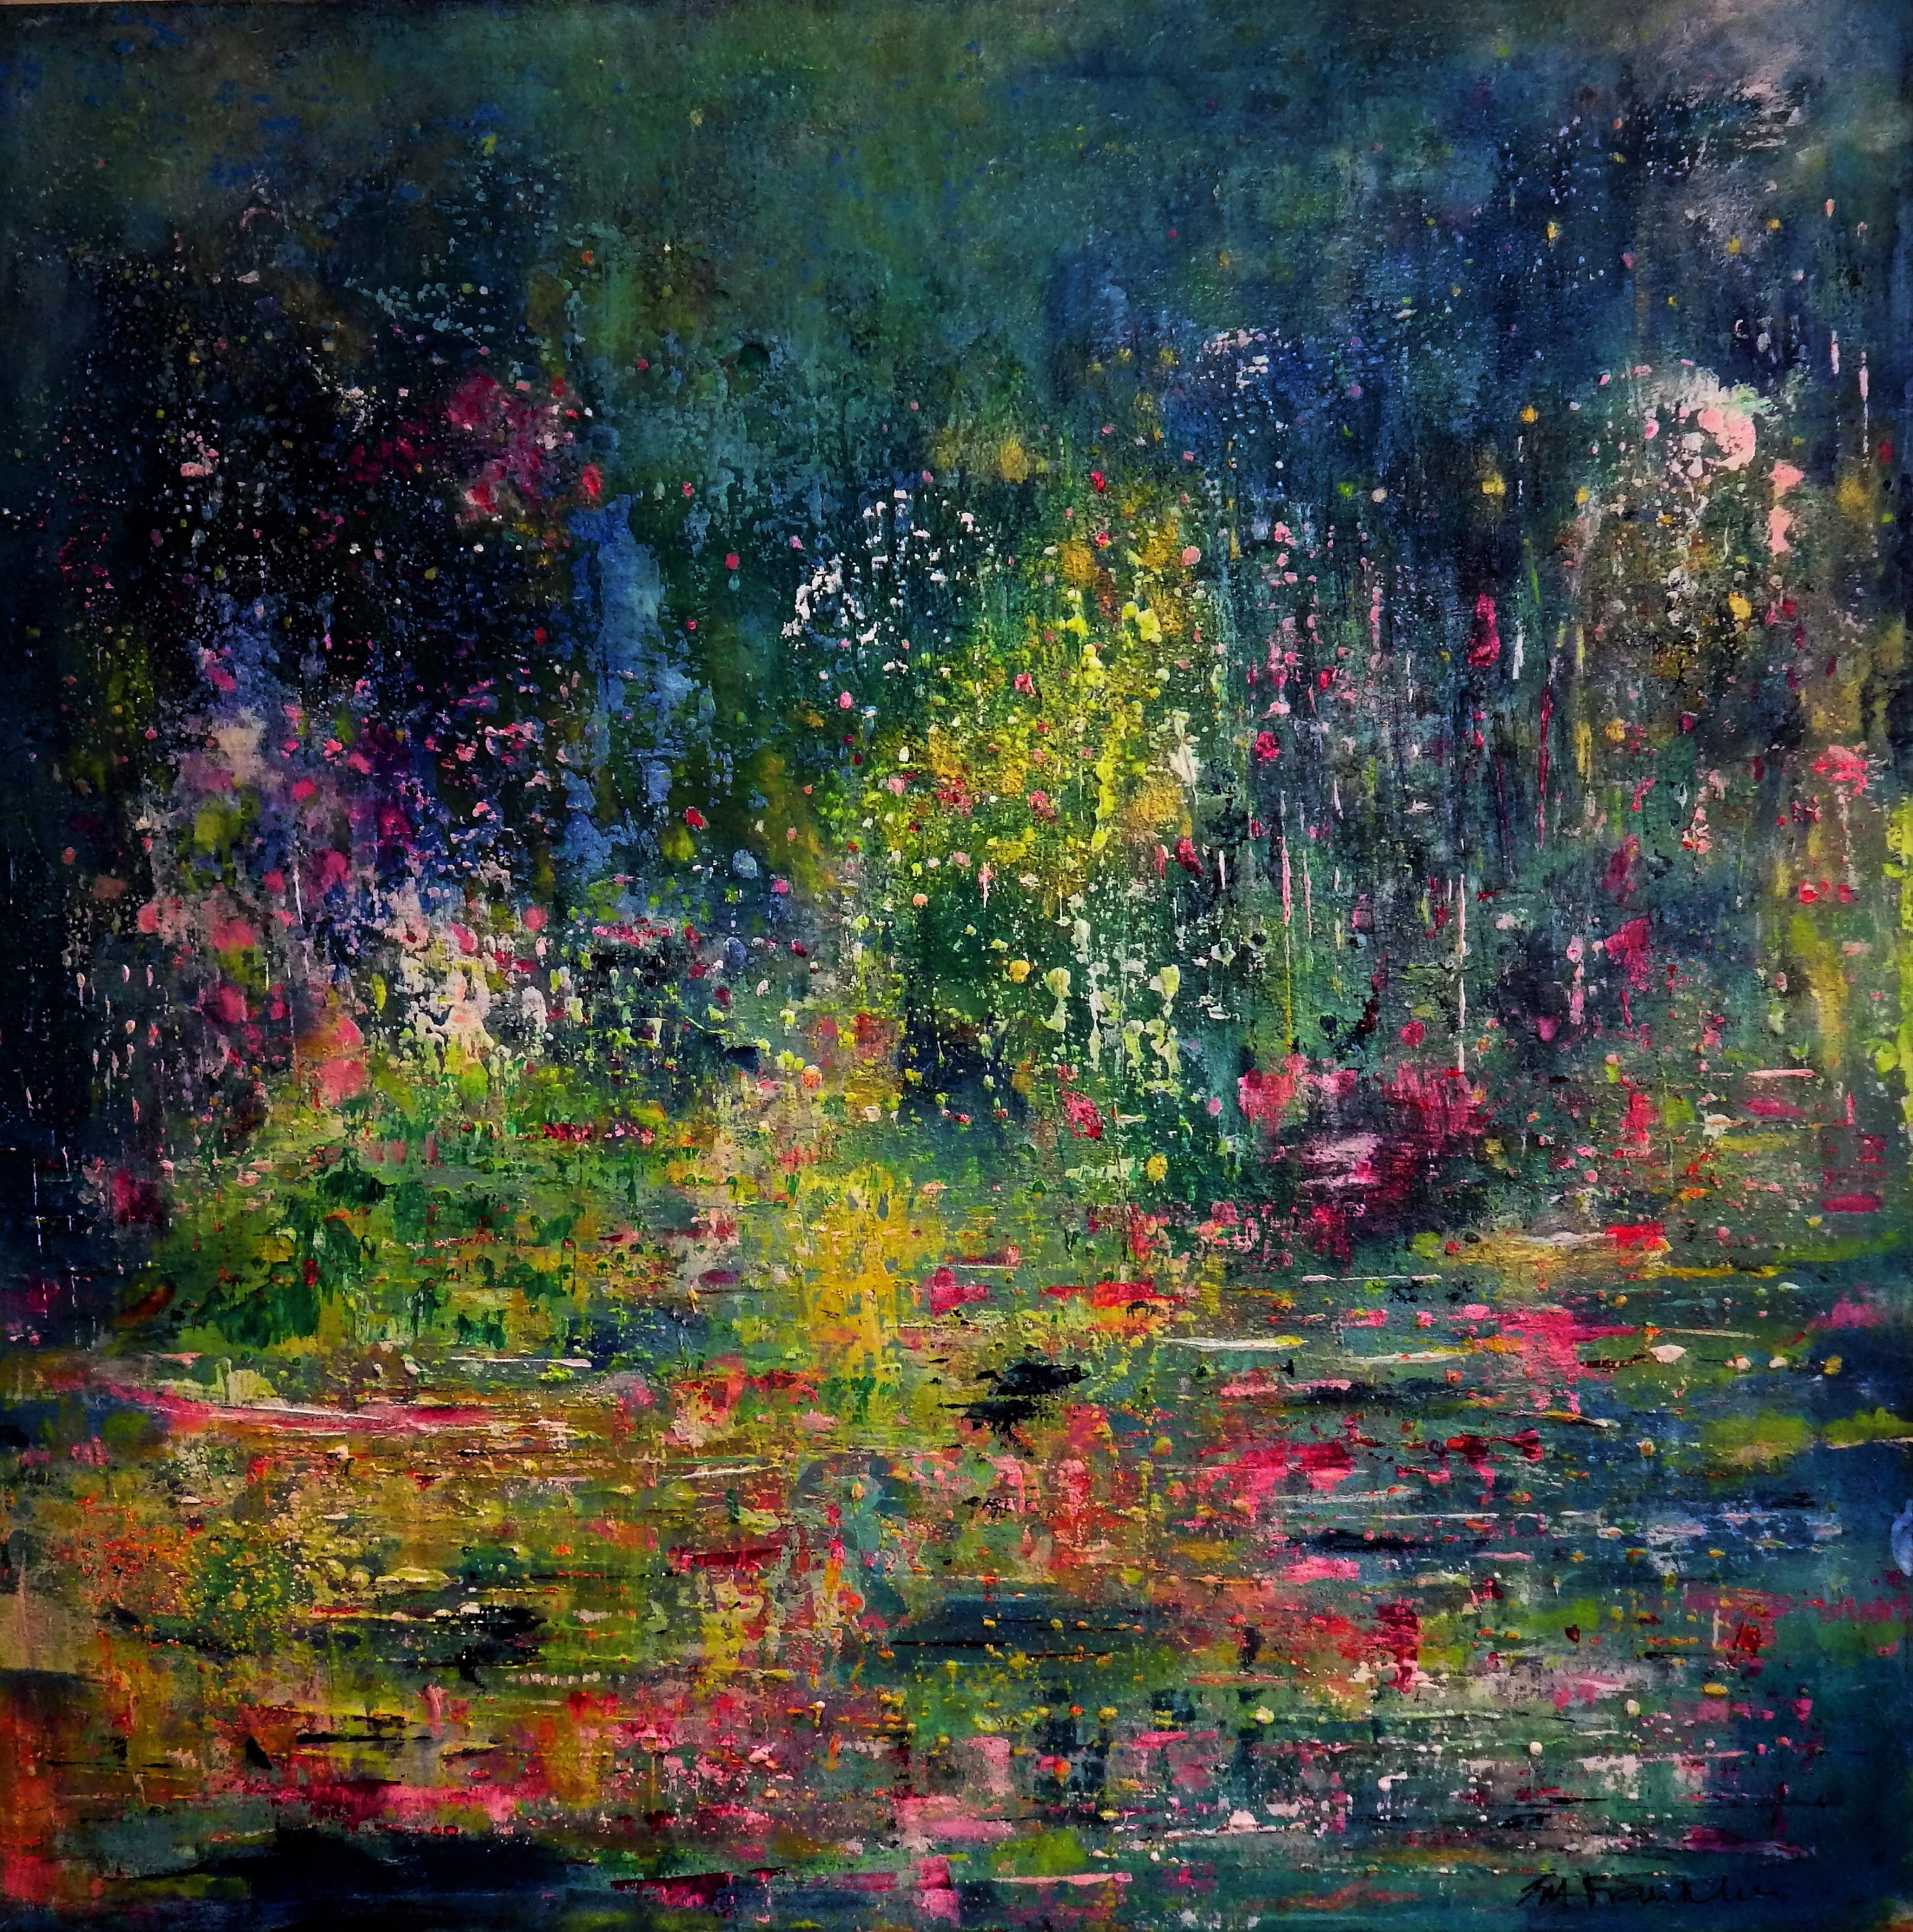 The Night Garden 90x90cms Acrylic on canvas